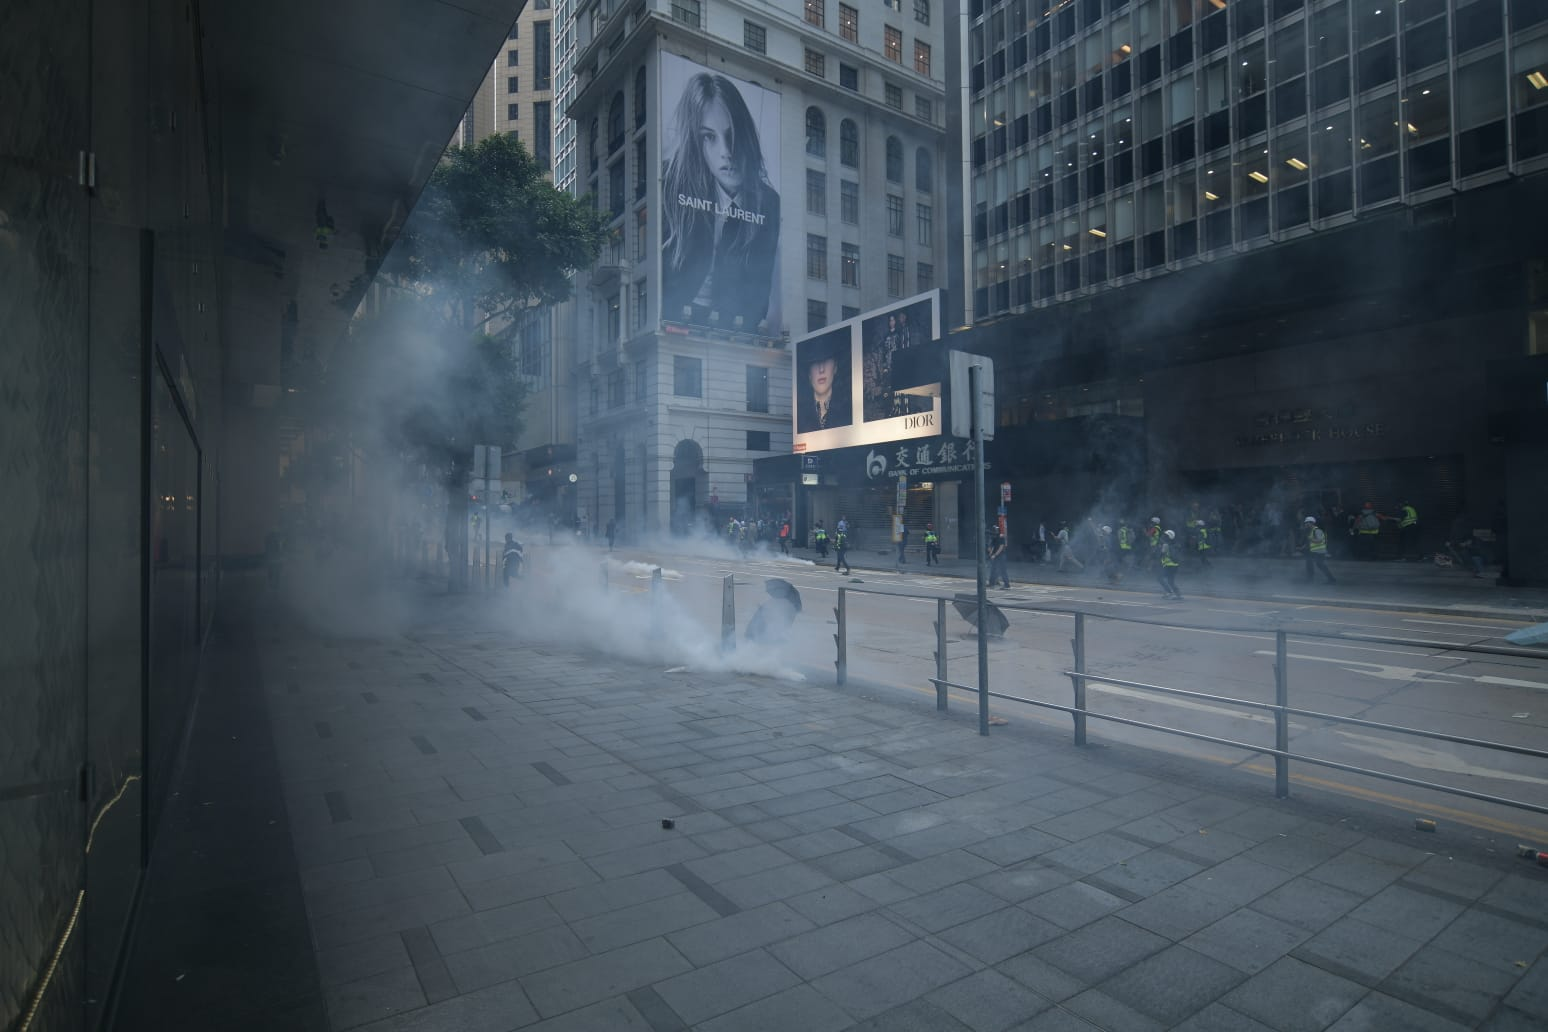 警方驅散示威者